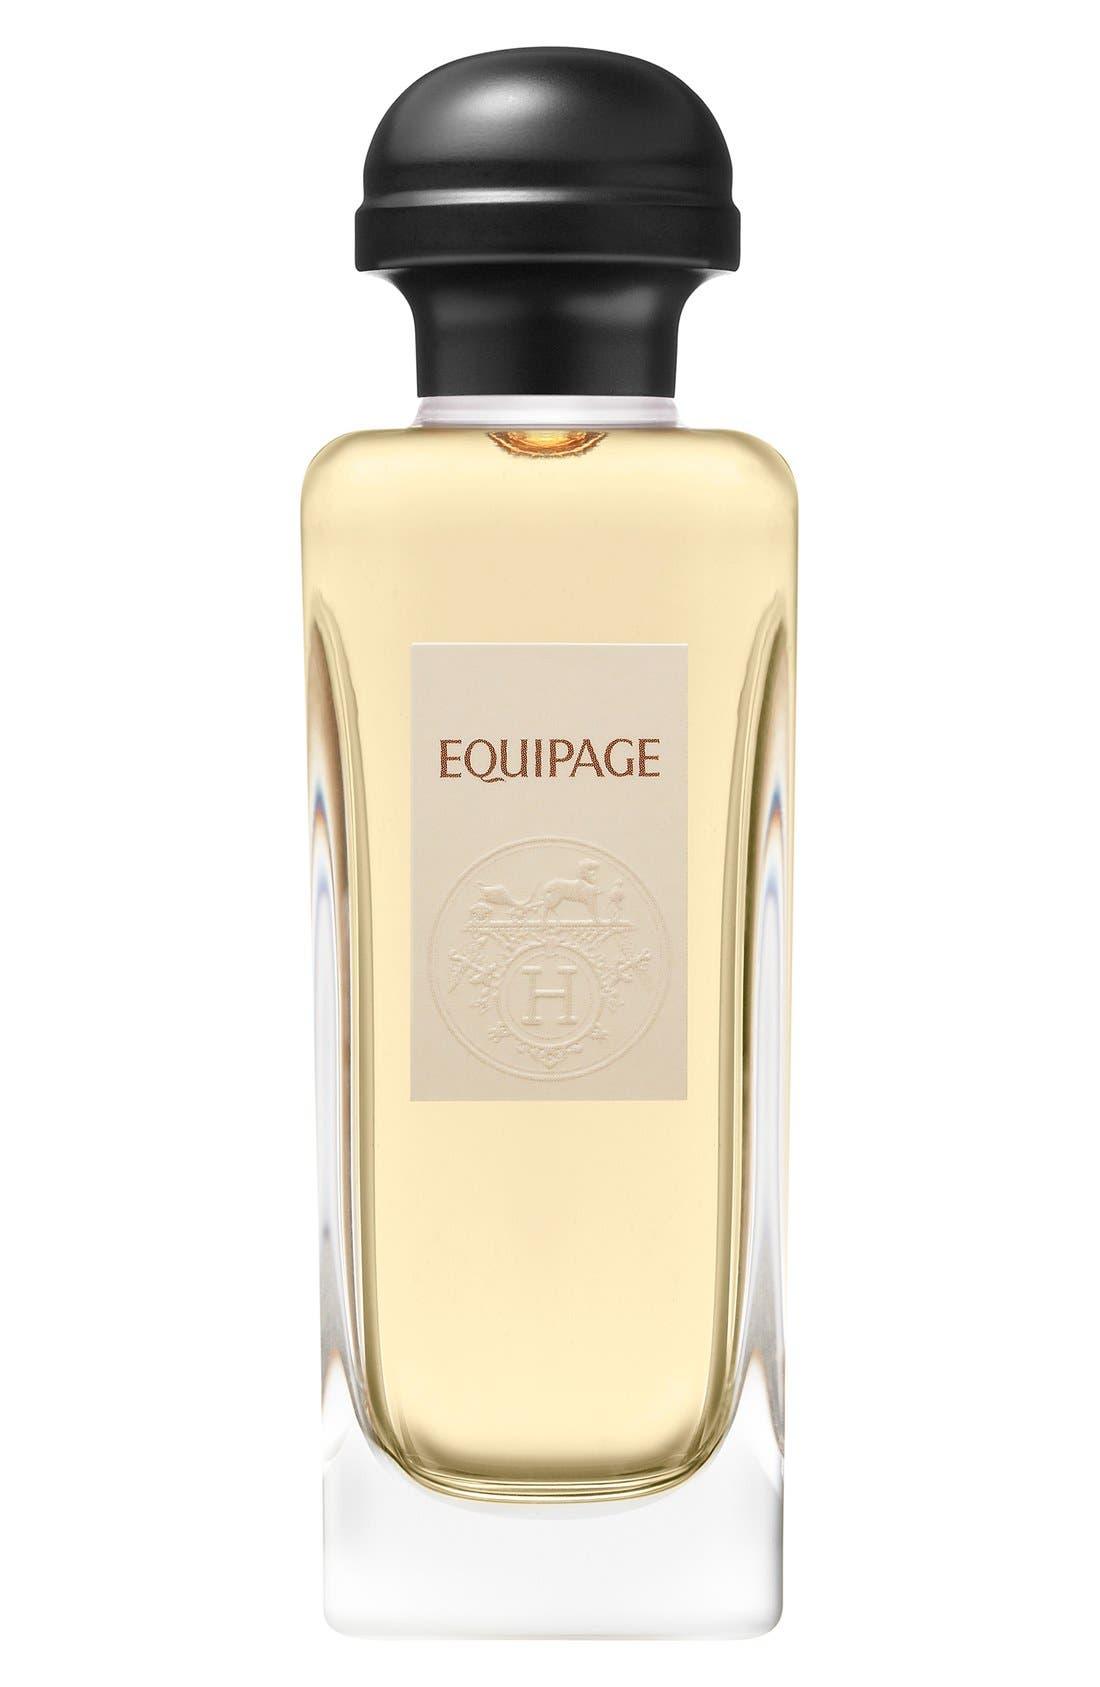 Hermès Equipage - Eau de toilette